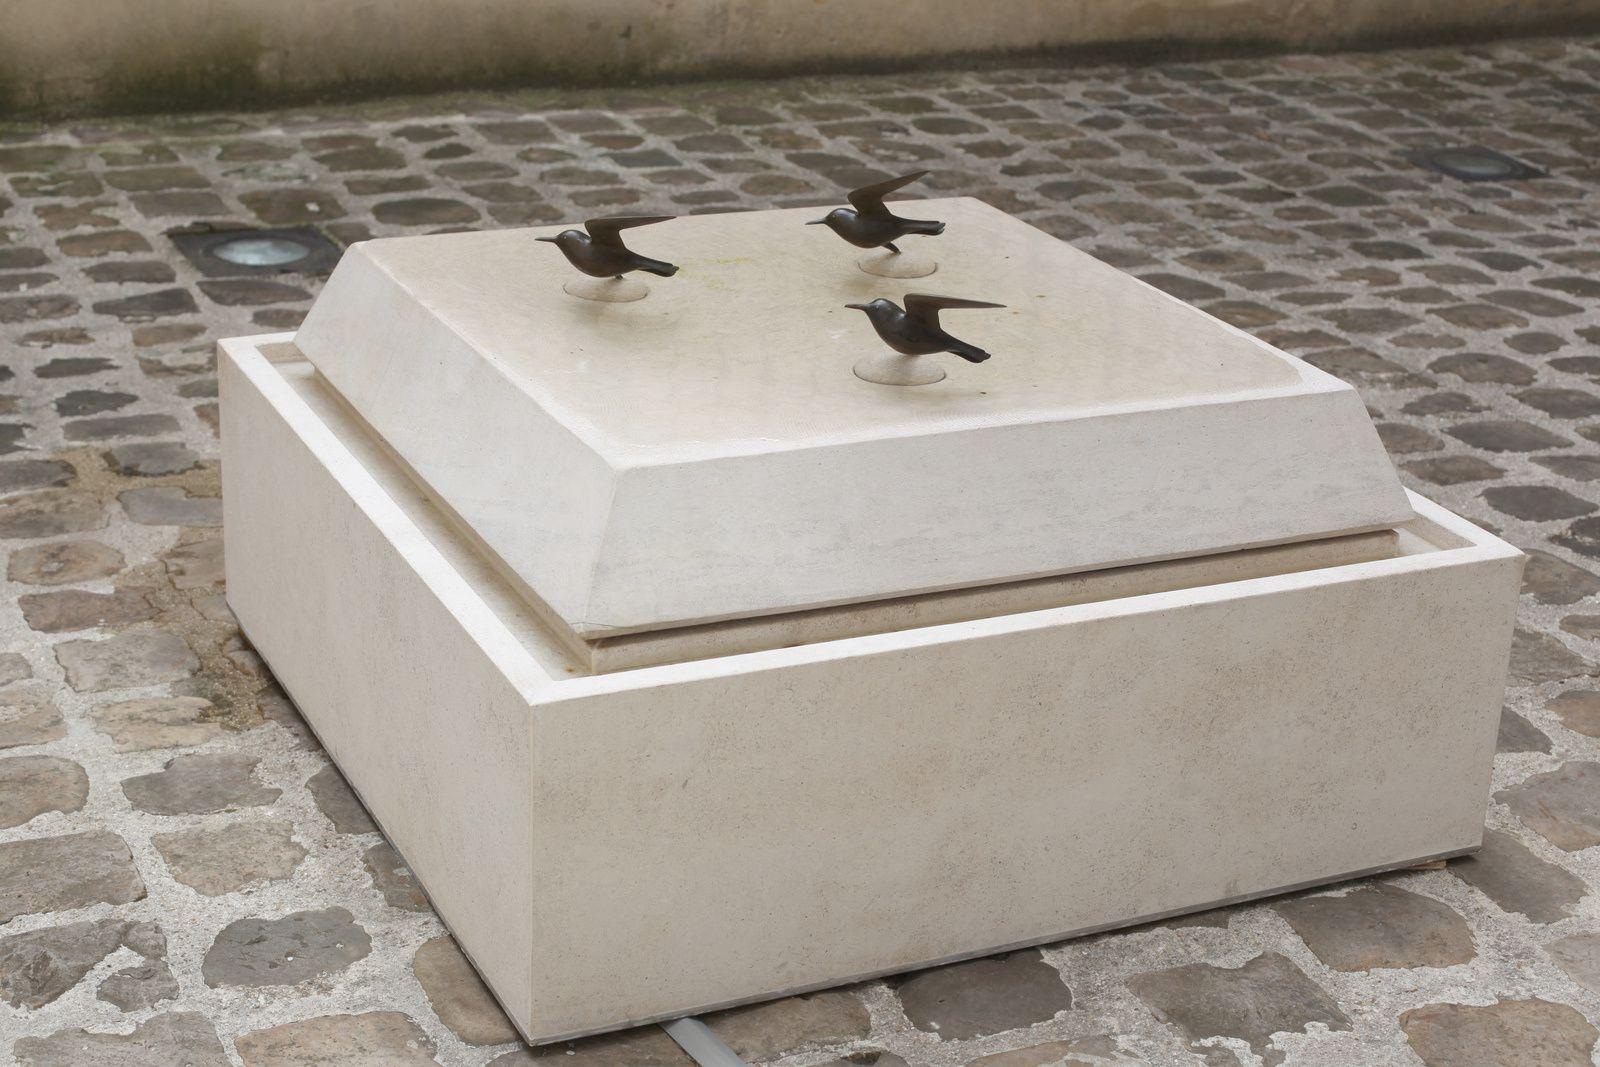 """""""Fontaine aux trois oiseaux sur la plage"""", 1995 de Françoic Xavier LALANNE - Courtesy Galerie Mitterrand © Photo Éric Simon"""